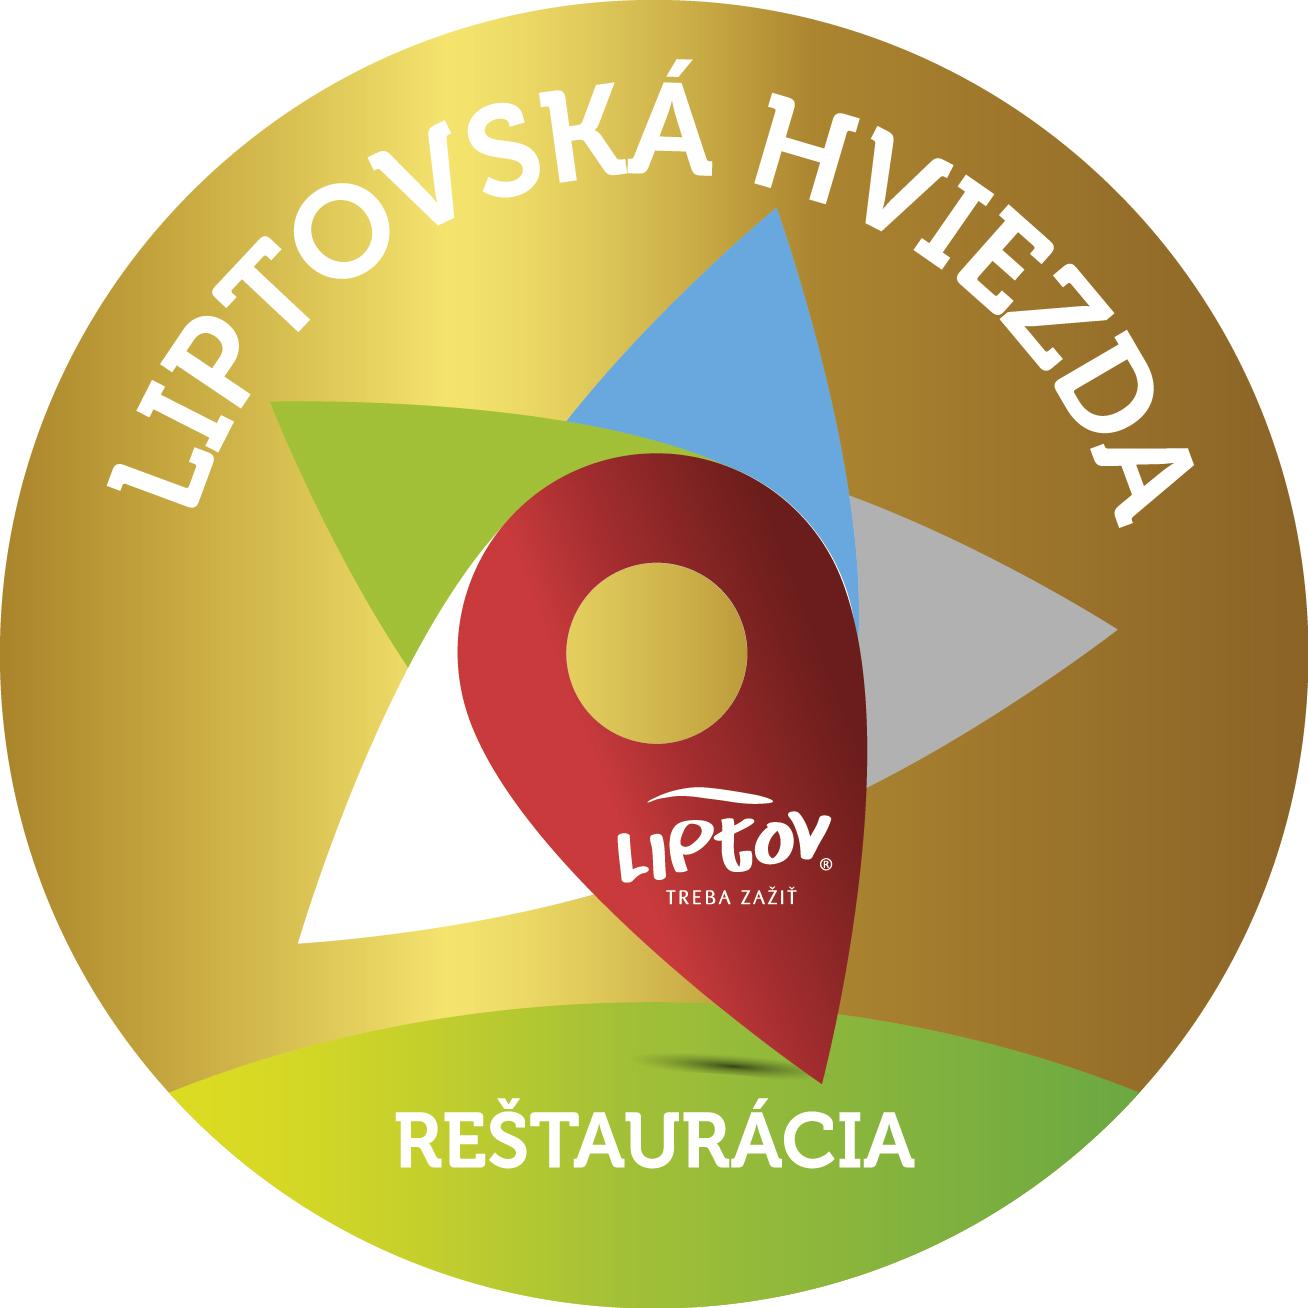 liptovska hviezda logo zlata restauracia